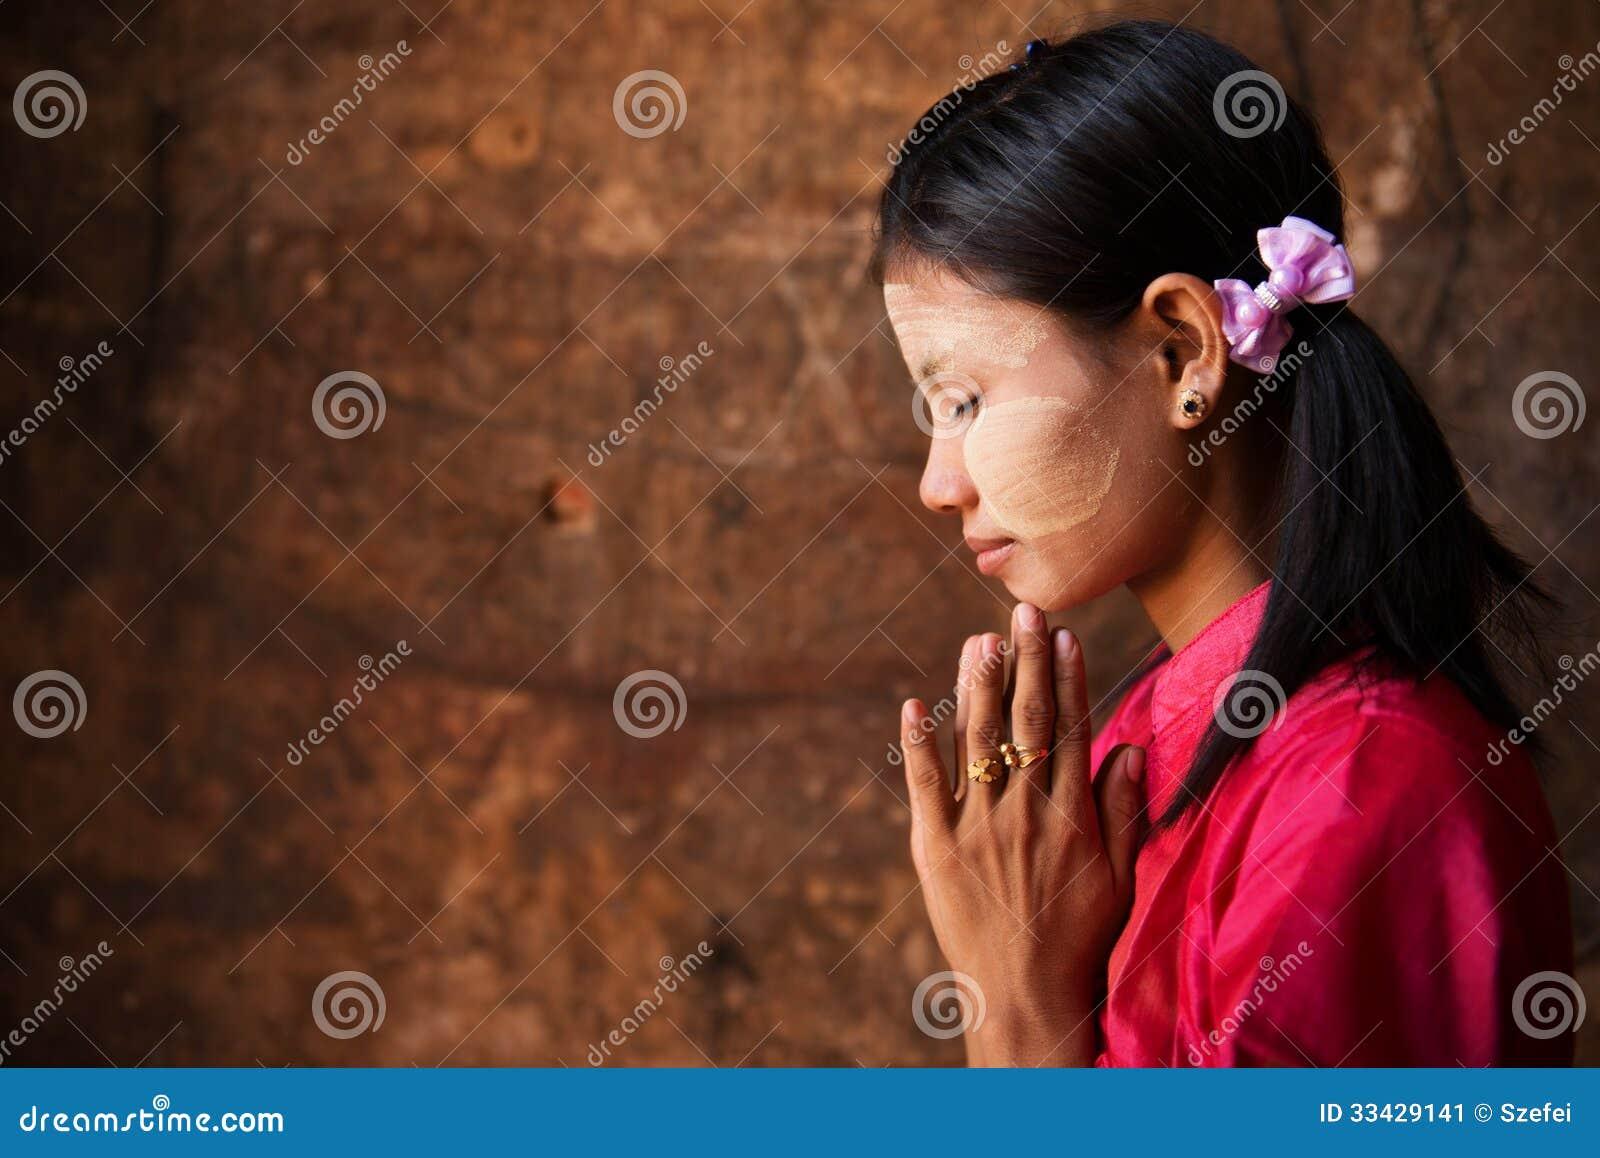 Fille de Myanmar dans une pose de prière.